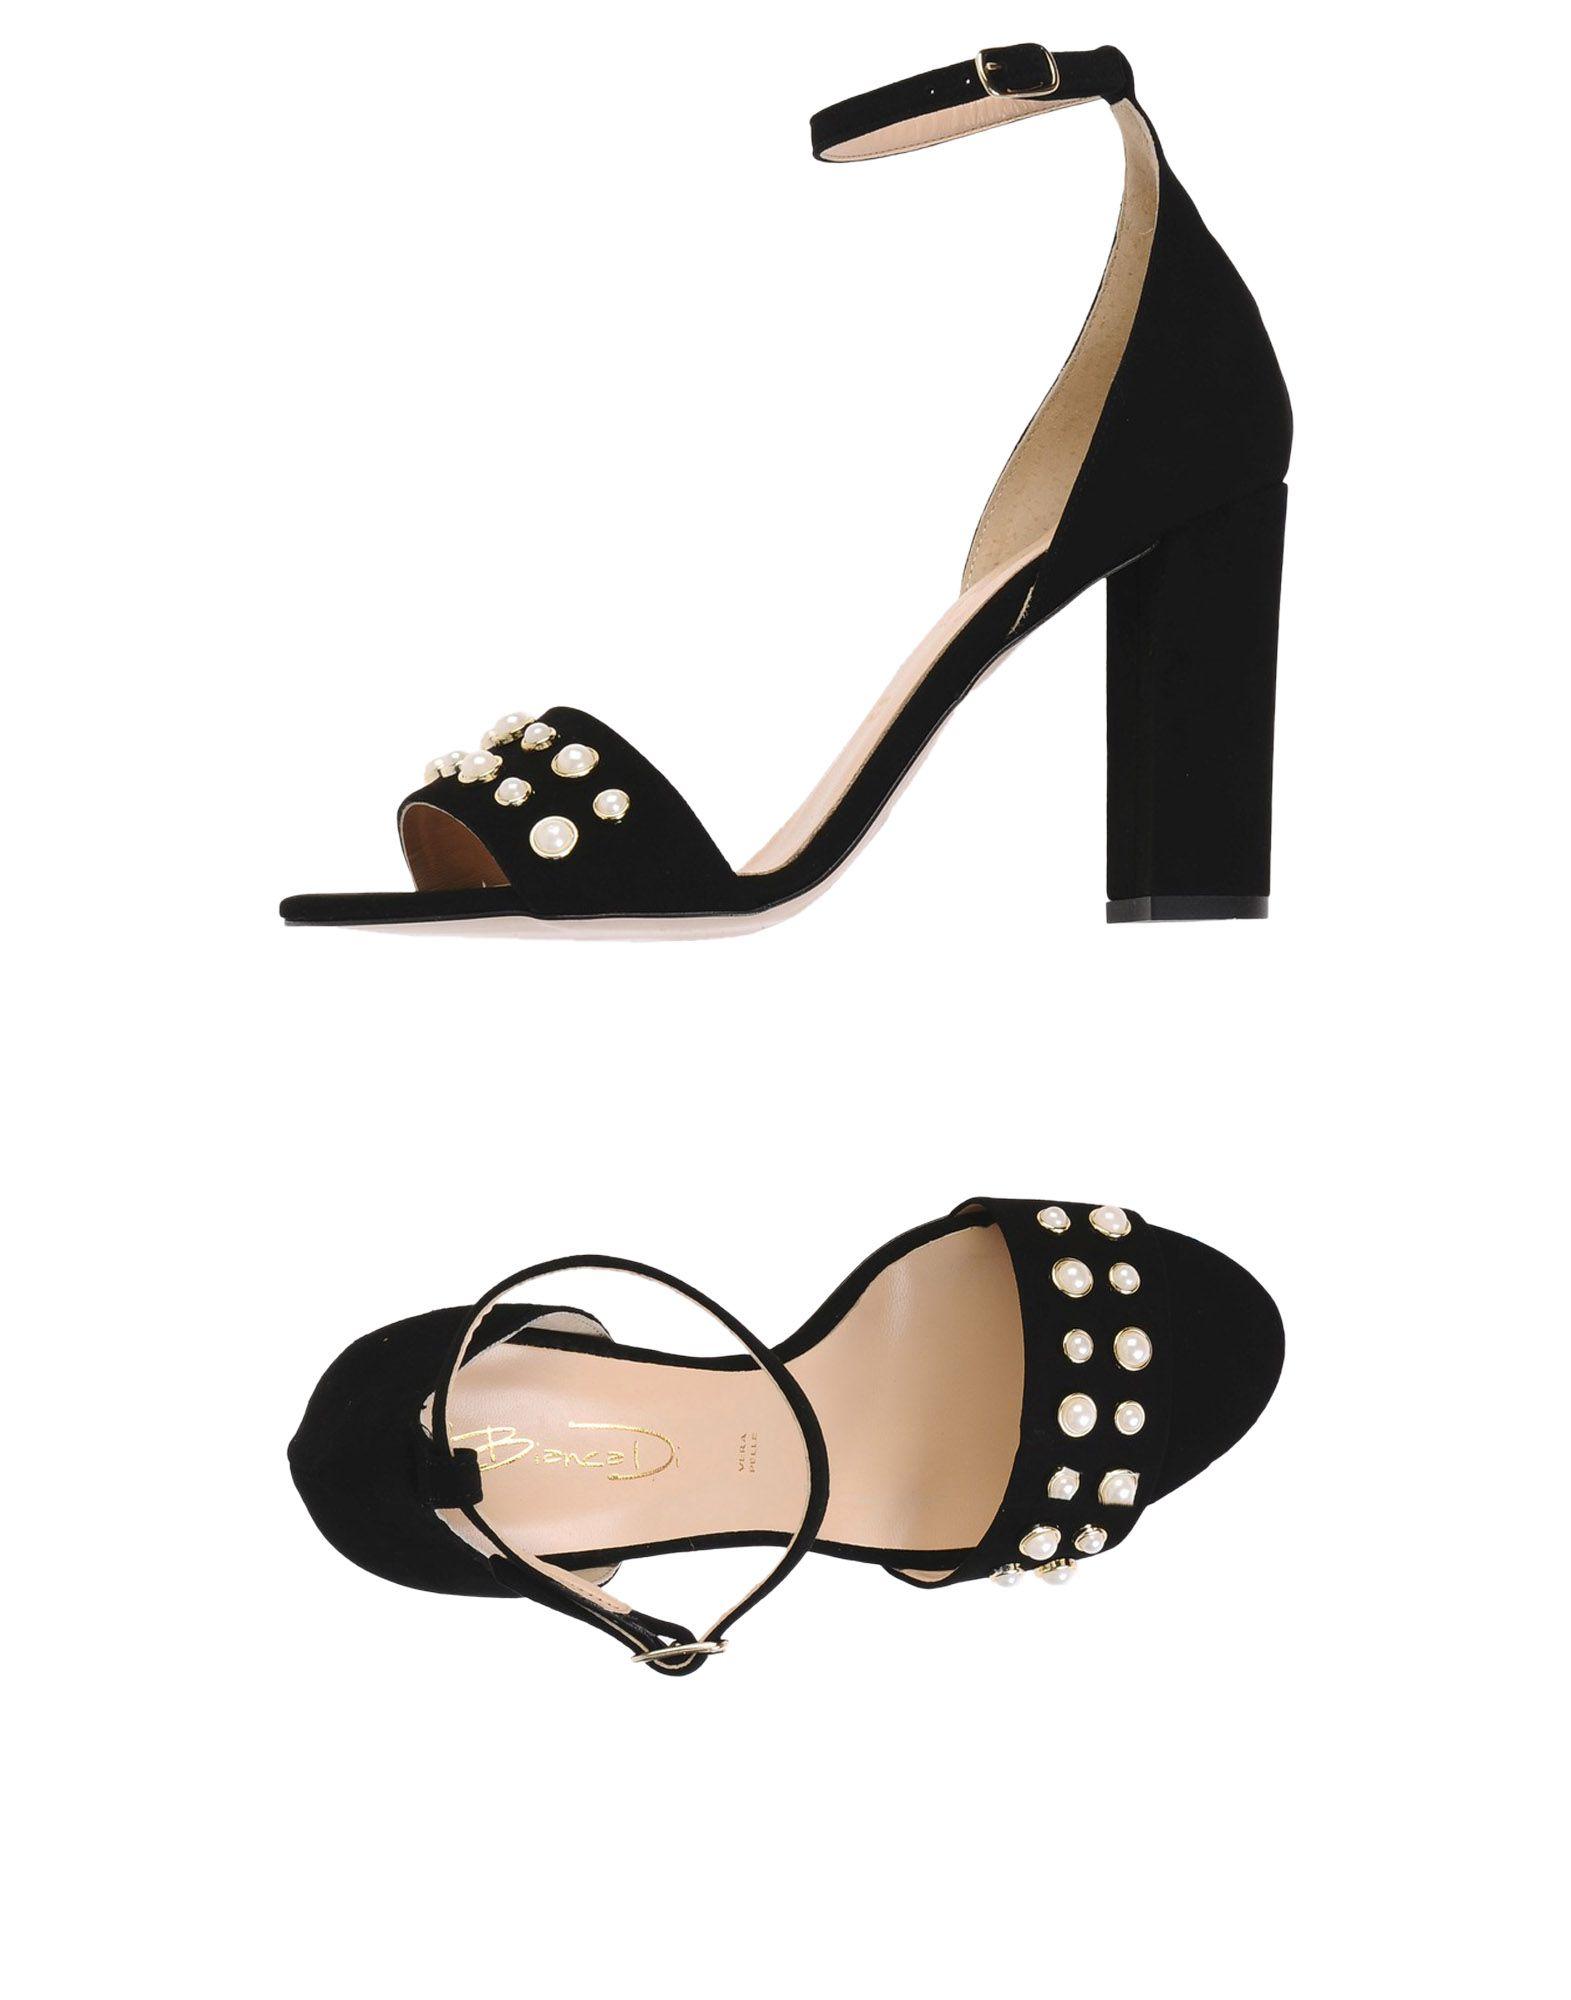 Bianca Di Sandalen Damen  11452749WV Gute Qualität beliebte Schuhe